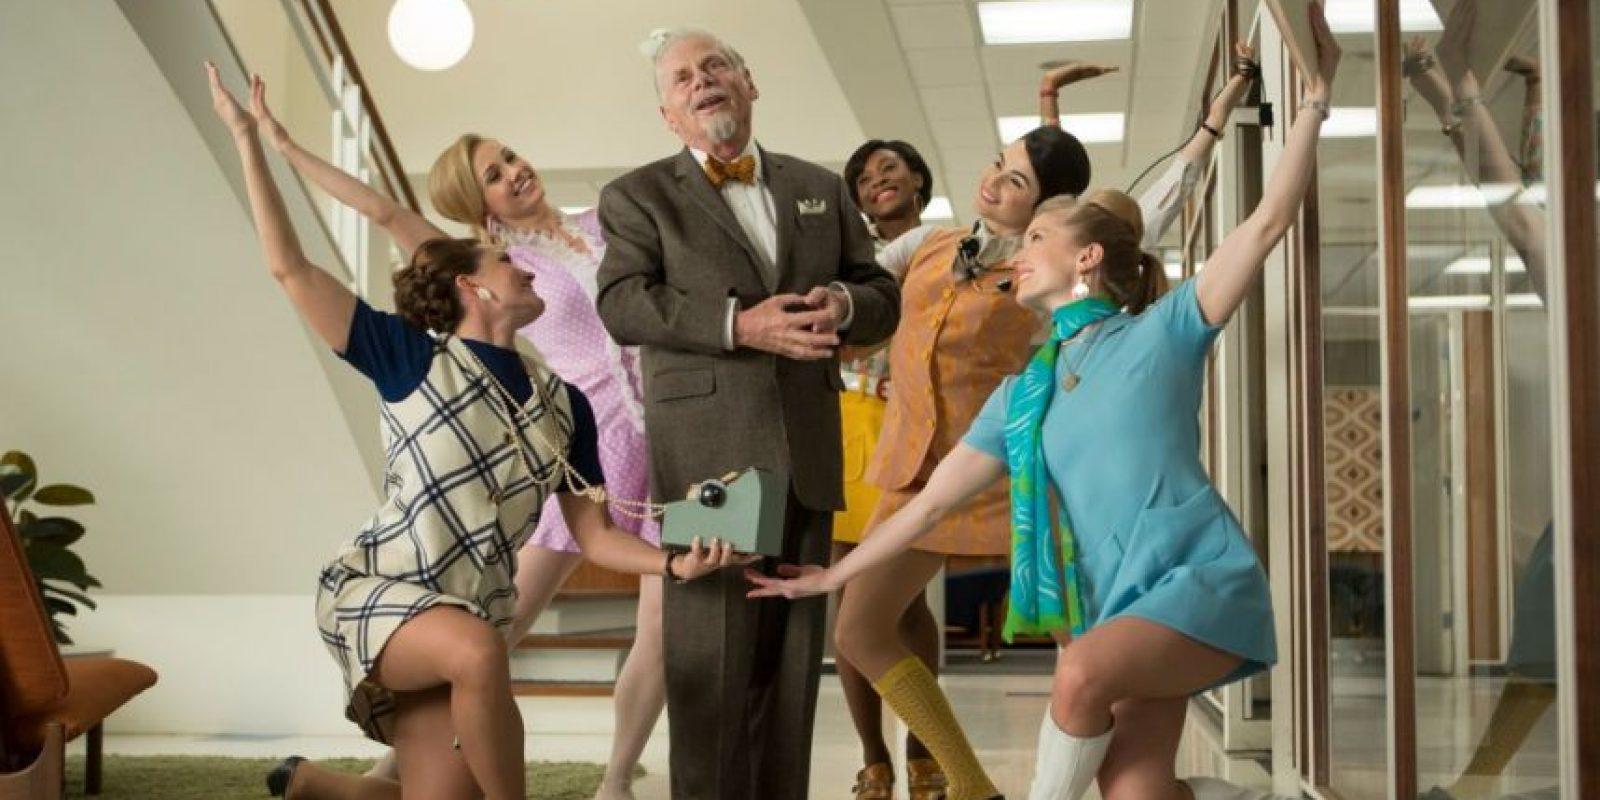 Mujeres: ¿les dan igualdad de salarios en el lugar donde trabajan? ¿Hay mujeres siendo directivas de su empresa? ¿Les reconocen lo justo si se embarazan? Foto:AMC